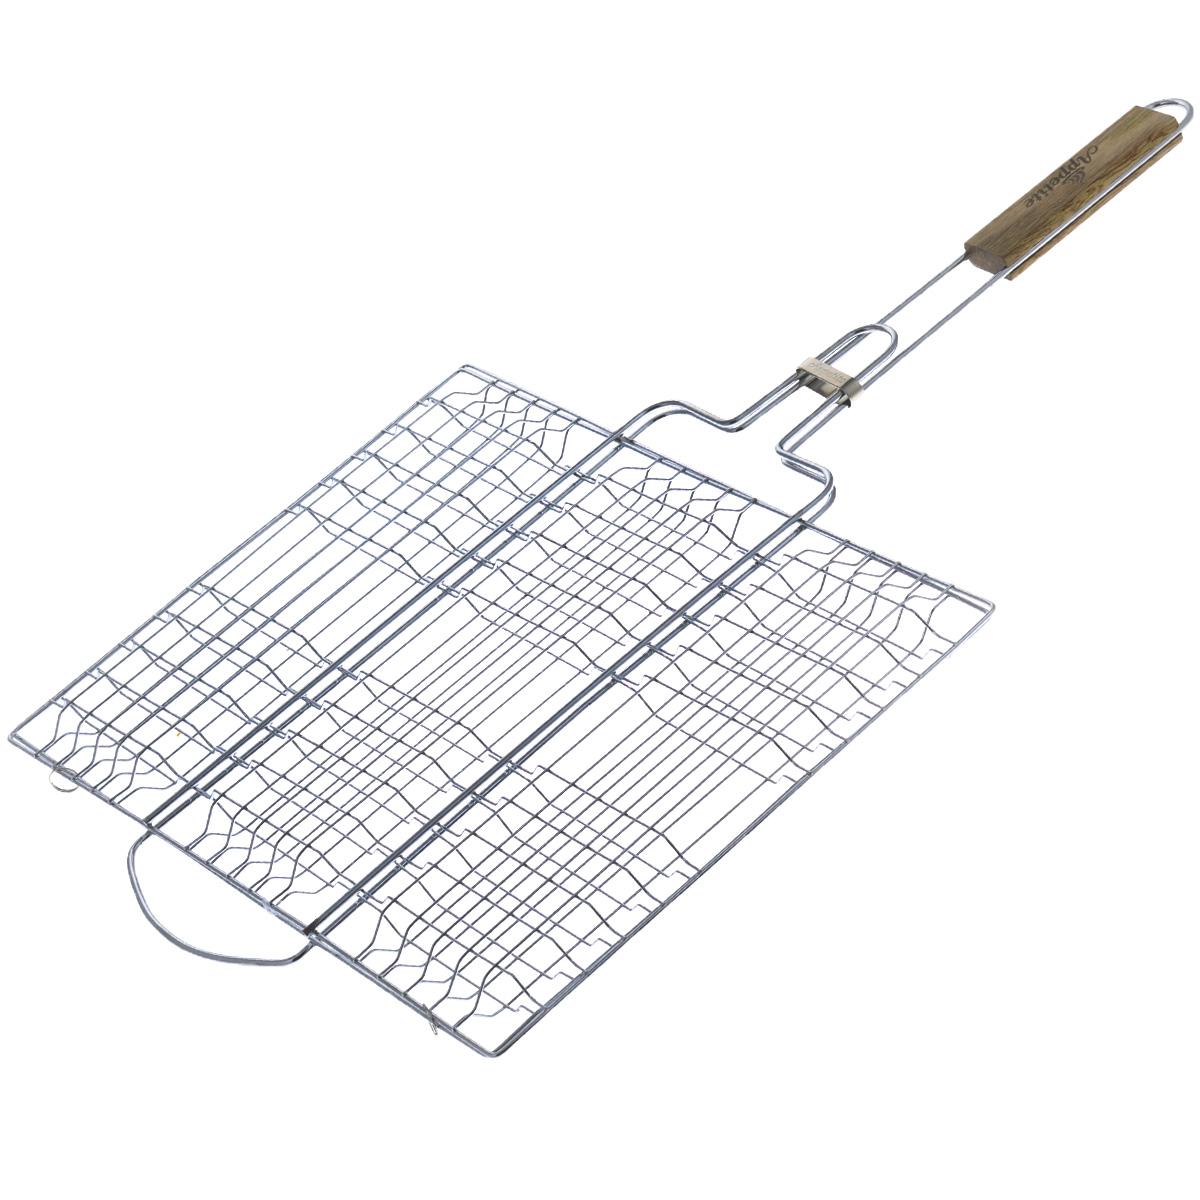 Решетка-гриль Appetite, плоская, 40 х 30 смFC-3pРешетка-гриль Appetite изготовлена из стали с хромированным покрытием. Приготовление вкусных блюд из рыбы, мяса или птицы на пикнике становится еще более быстрым и удобным с использованием решетки-гриль. Изделие имеет деревянную вставку на ручке, предохраняющую руки от ожогов и позволяющую без труда перевернуть решетку. Надежное кольцо-фиксатор гарантирует, что решетка не откроется, и продукты не выпадут. Размер рабочей поверхности: 40 см х 30 см. Длина ручки: 32 см.